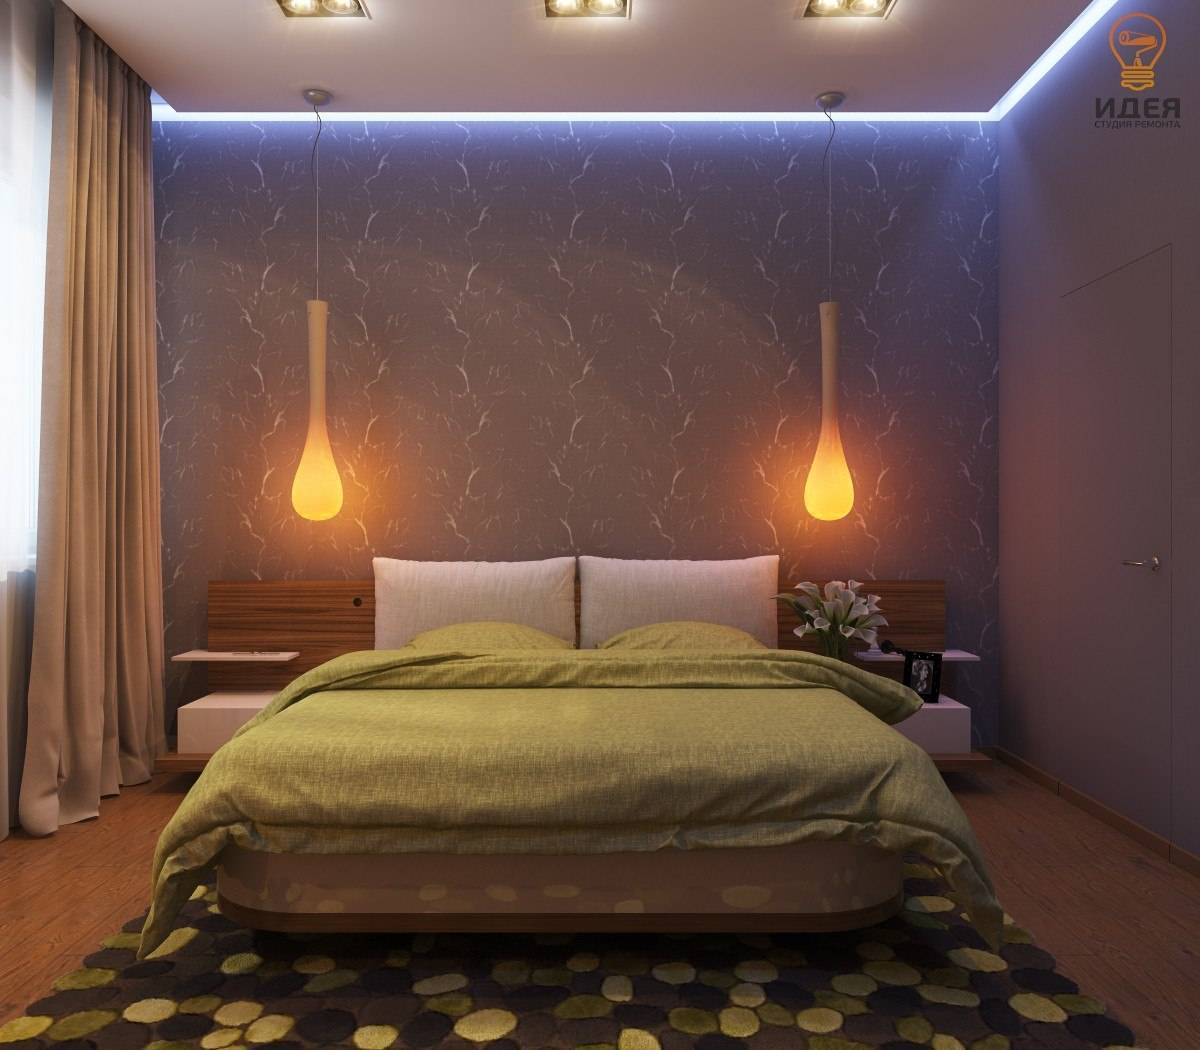 Выбор ночника в спальню — дизайн, виды, определения месторасположения, фото подборка